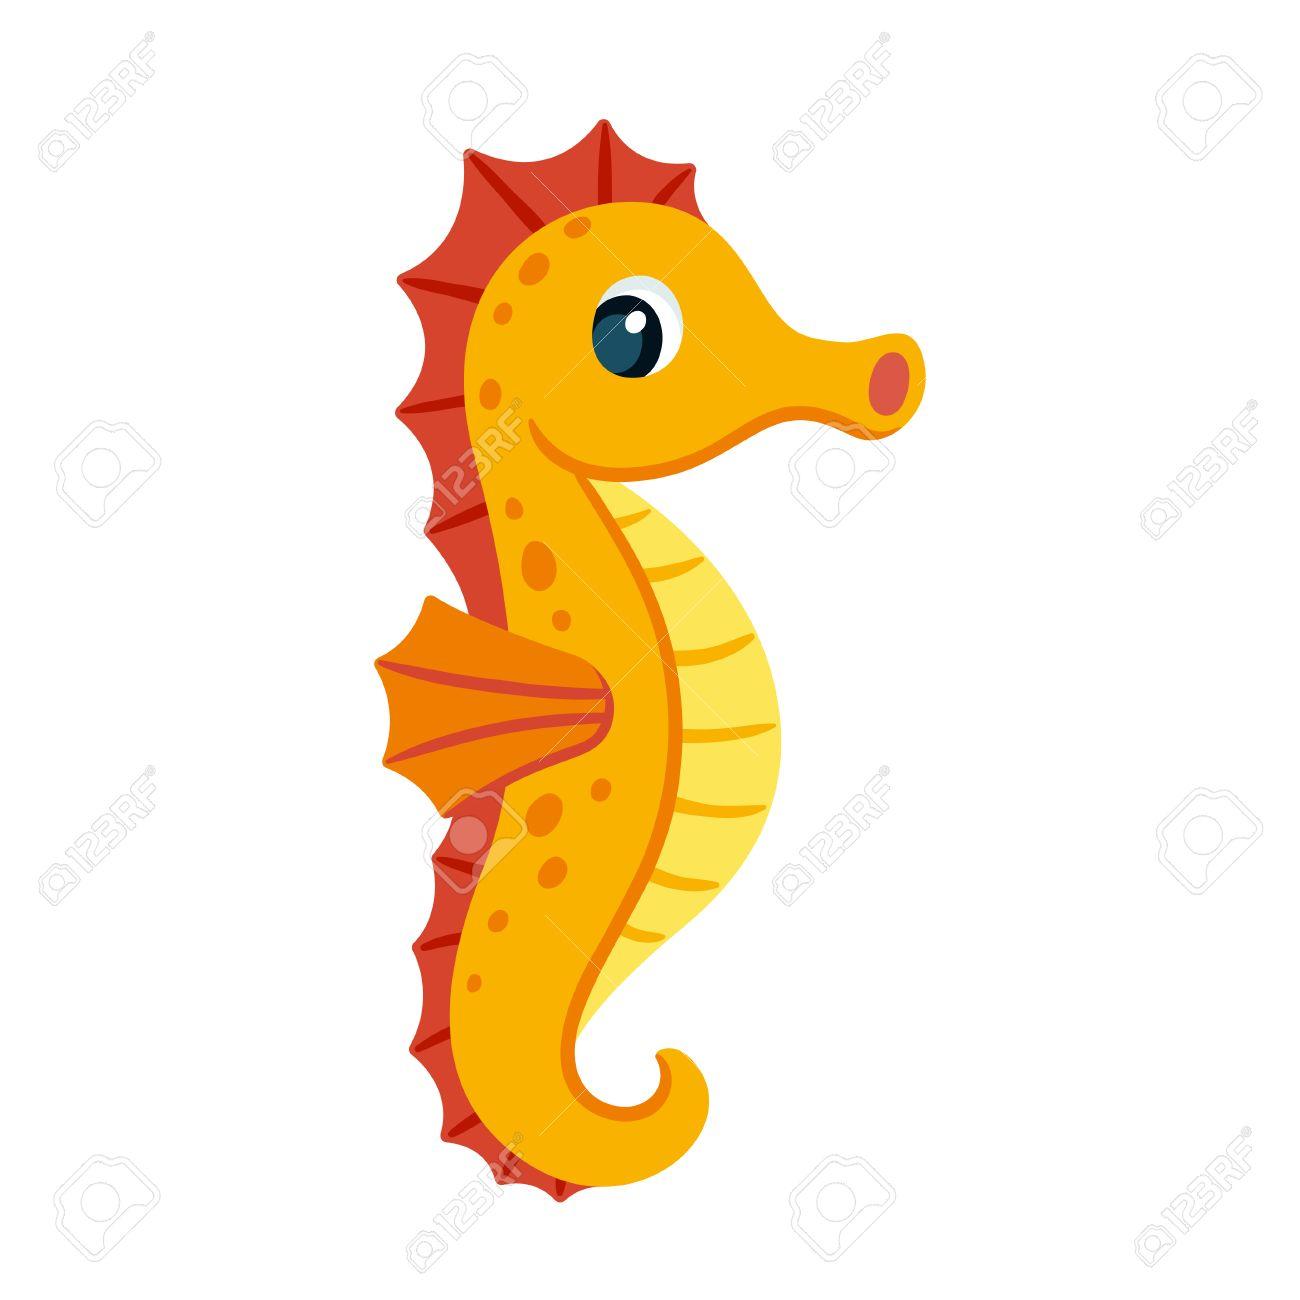 Dibujo Animado Lindo Caballito De Mar De Color Naranja. Ilustración ...